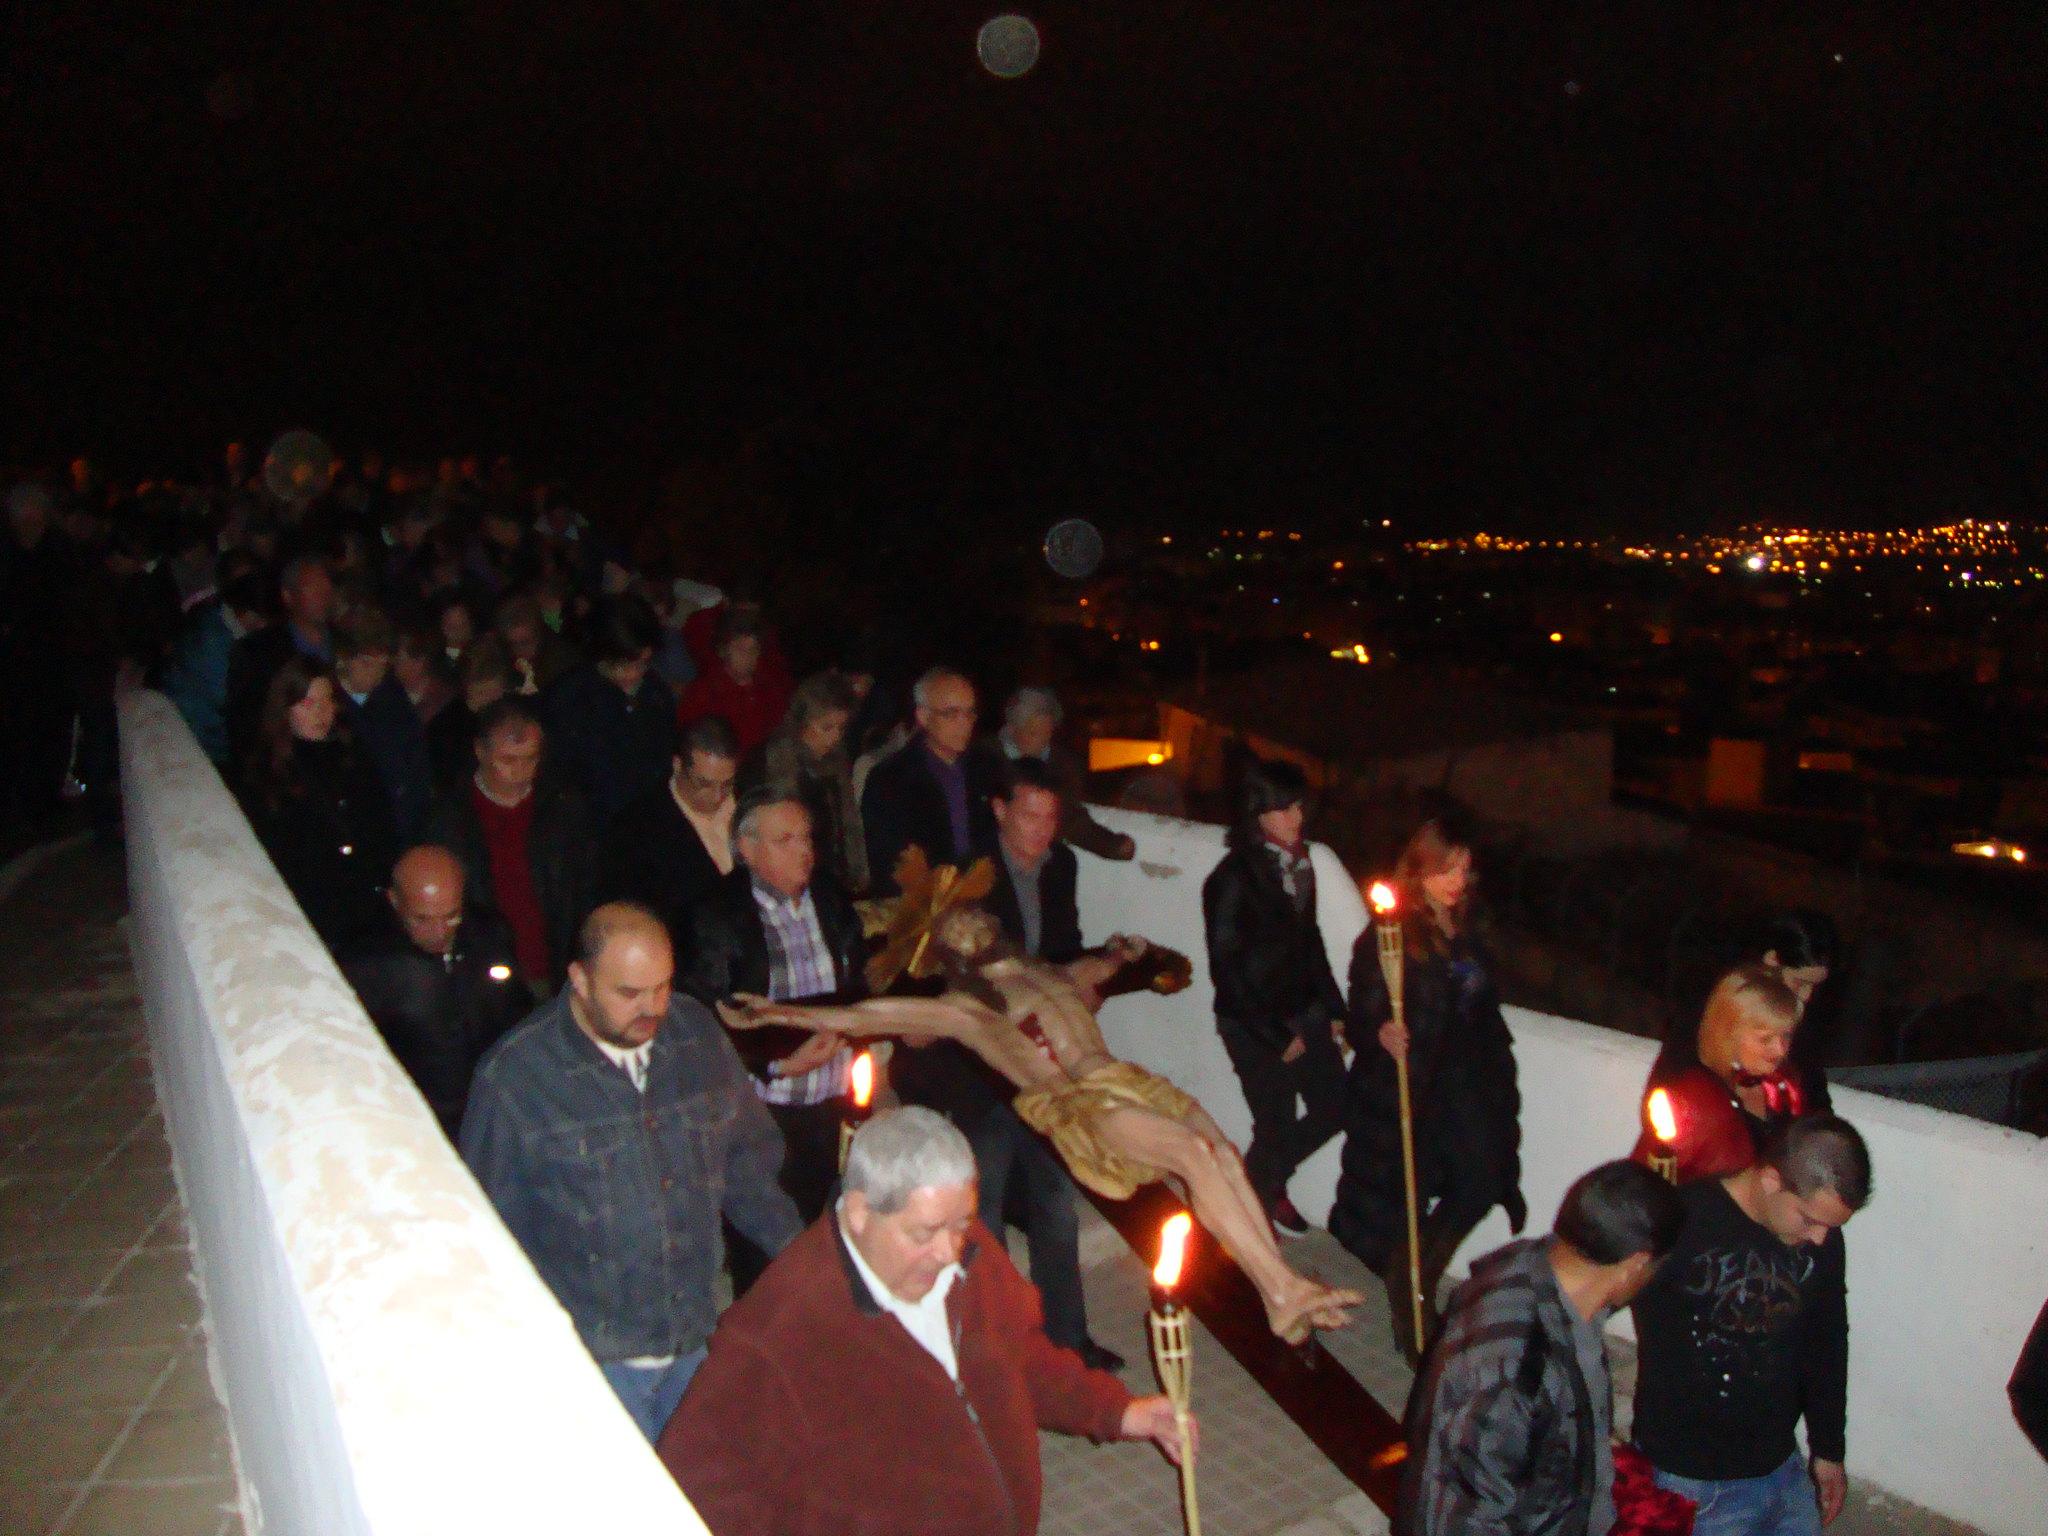 (2011-04-15) - II Vía Crucis nocturno - Javier Montesinos Villaplana -  (03)